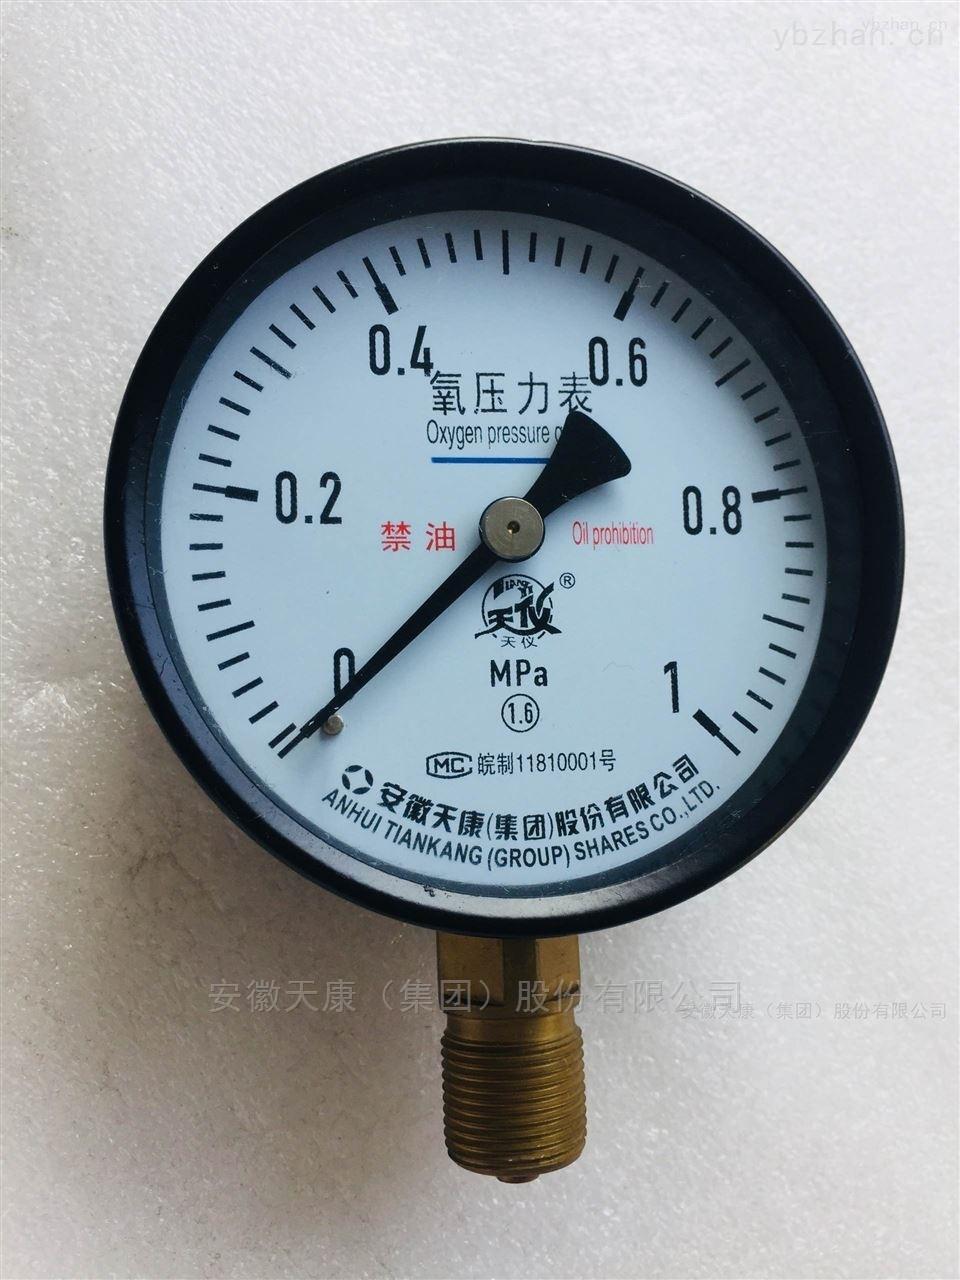 天康氧气压力表